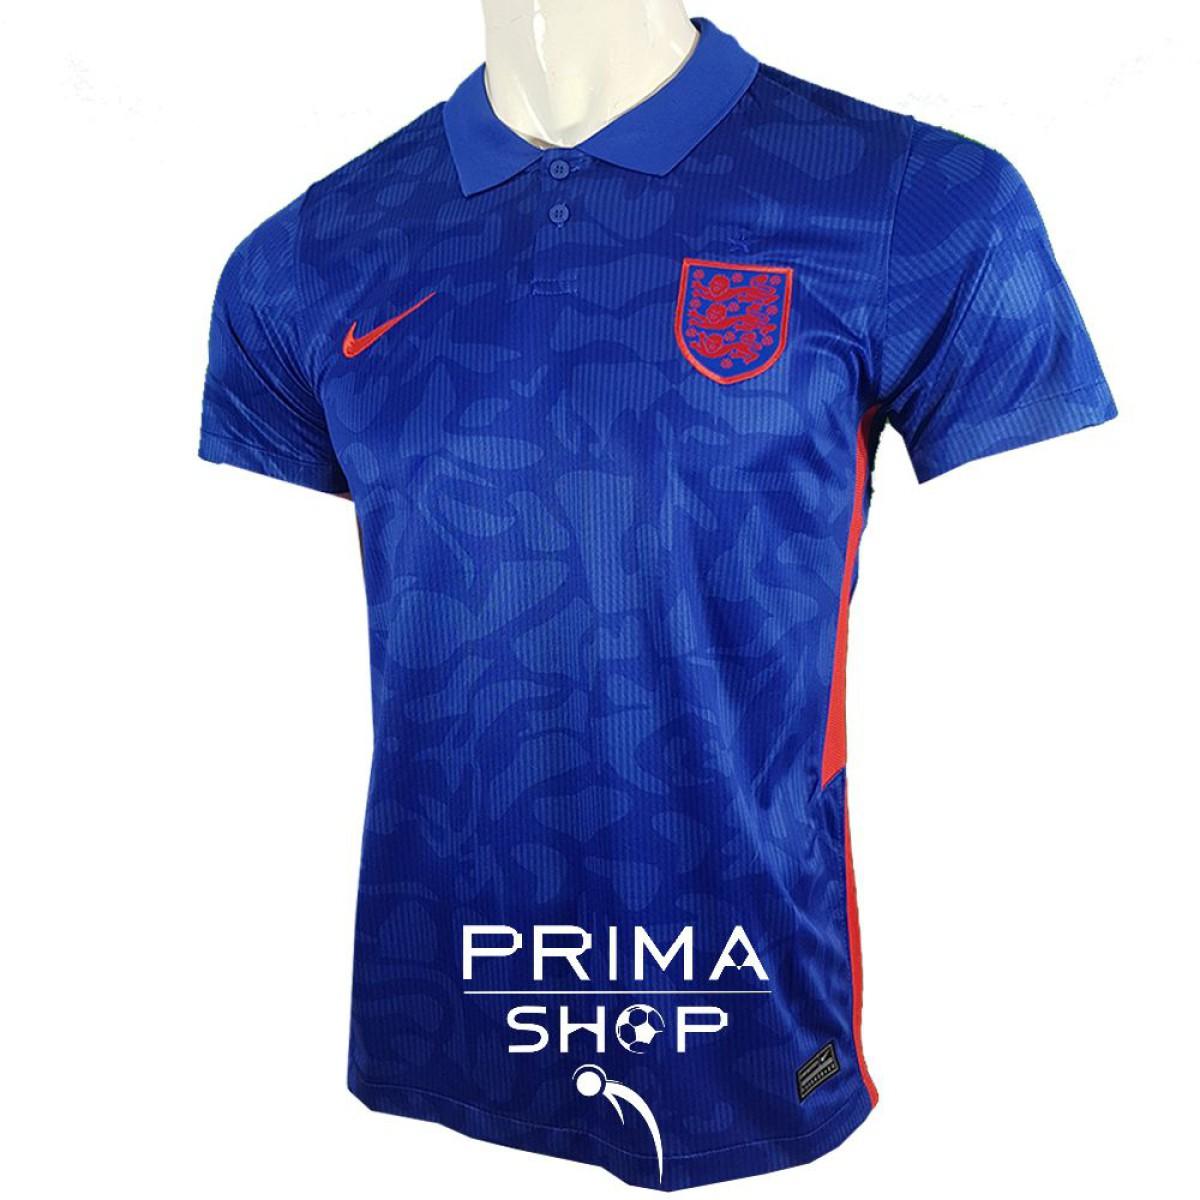 لباس دوم انگلیس 2020 | لباس دوم تیم ملی انگلیس